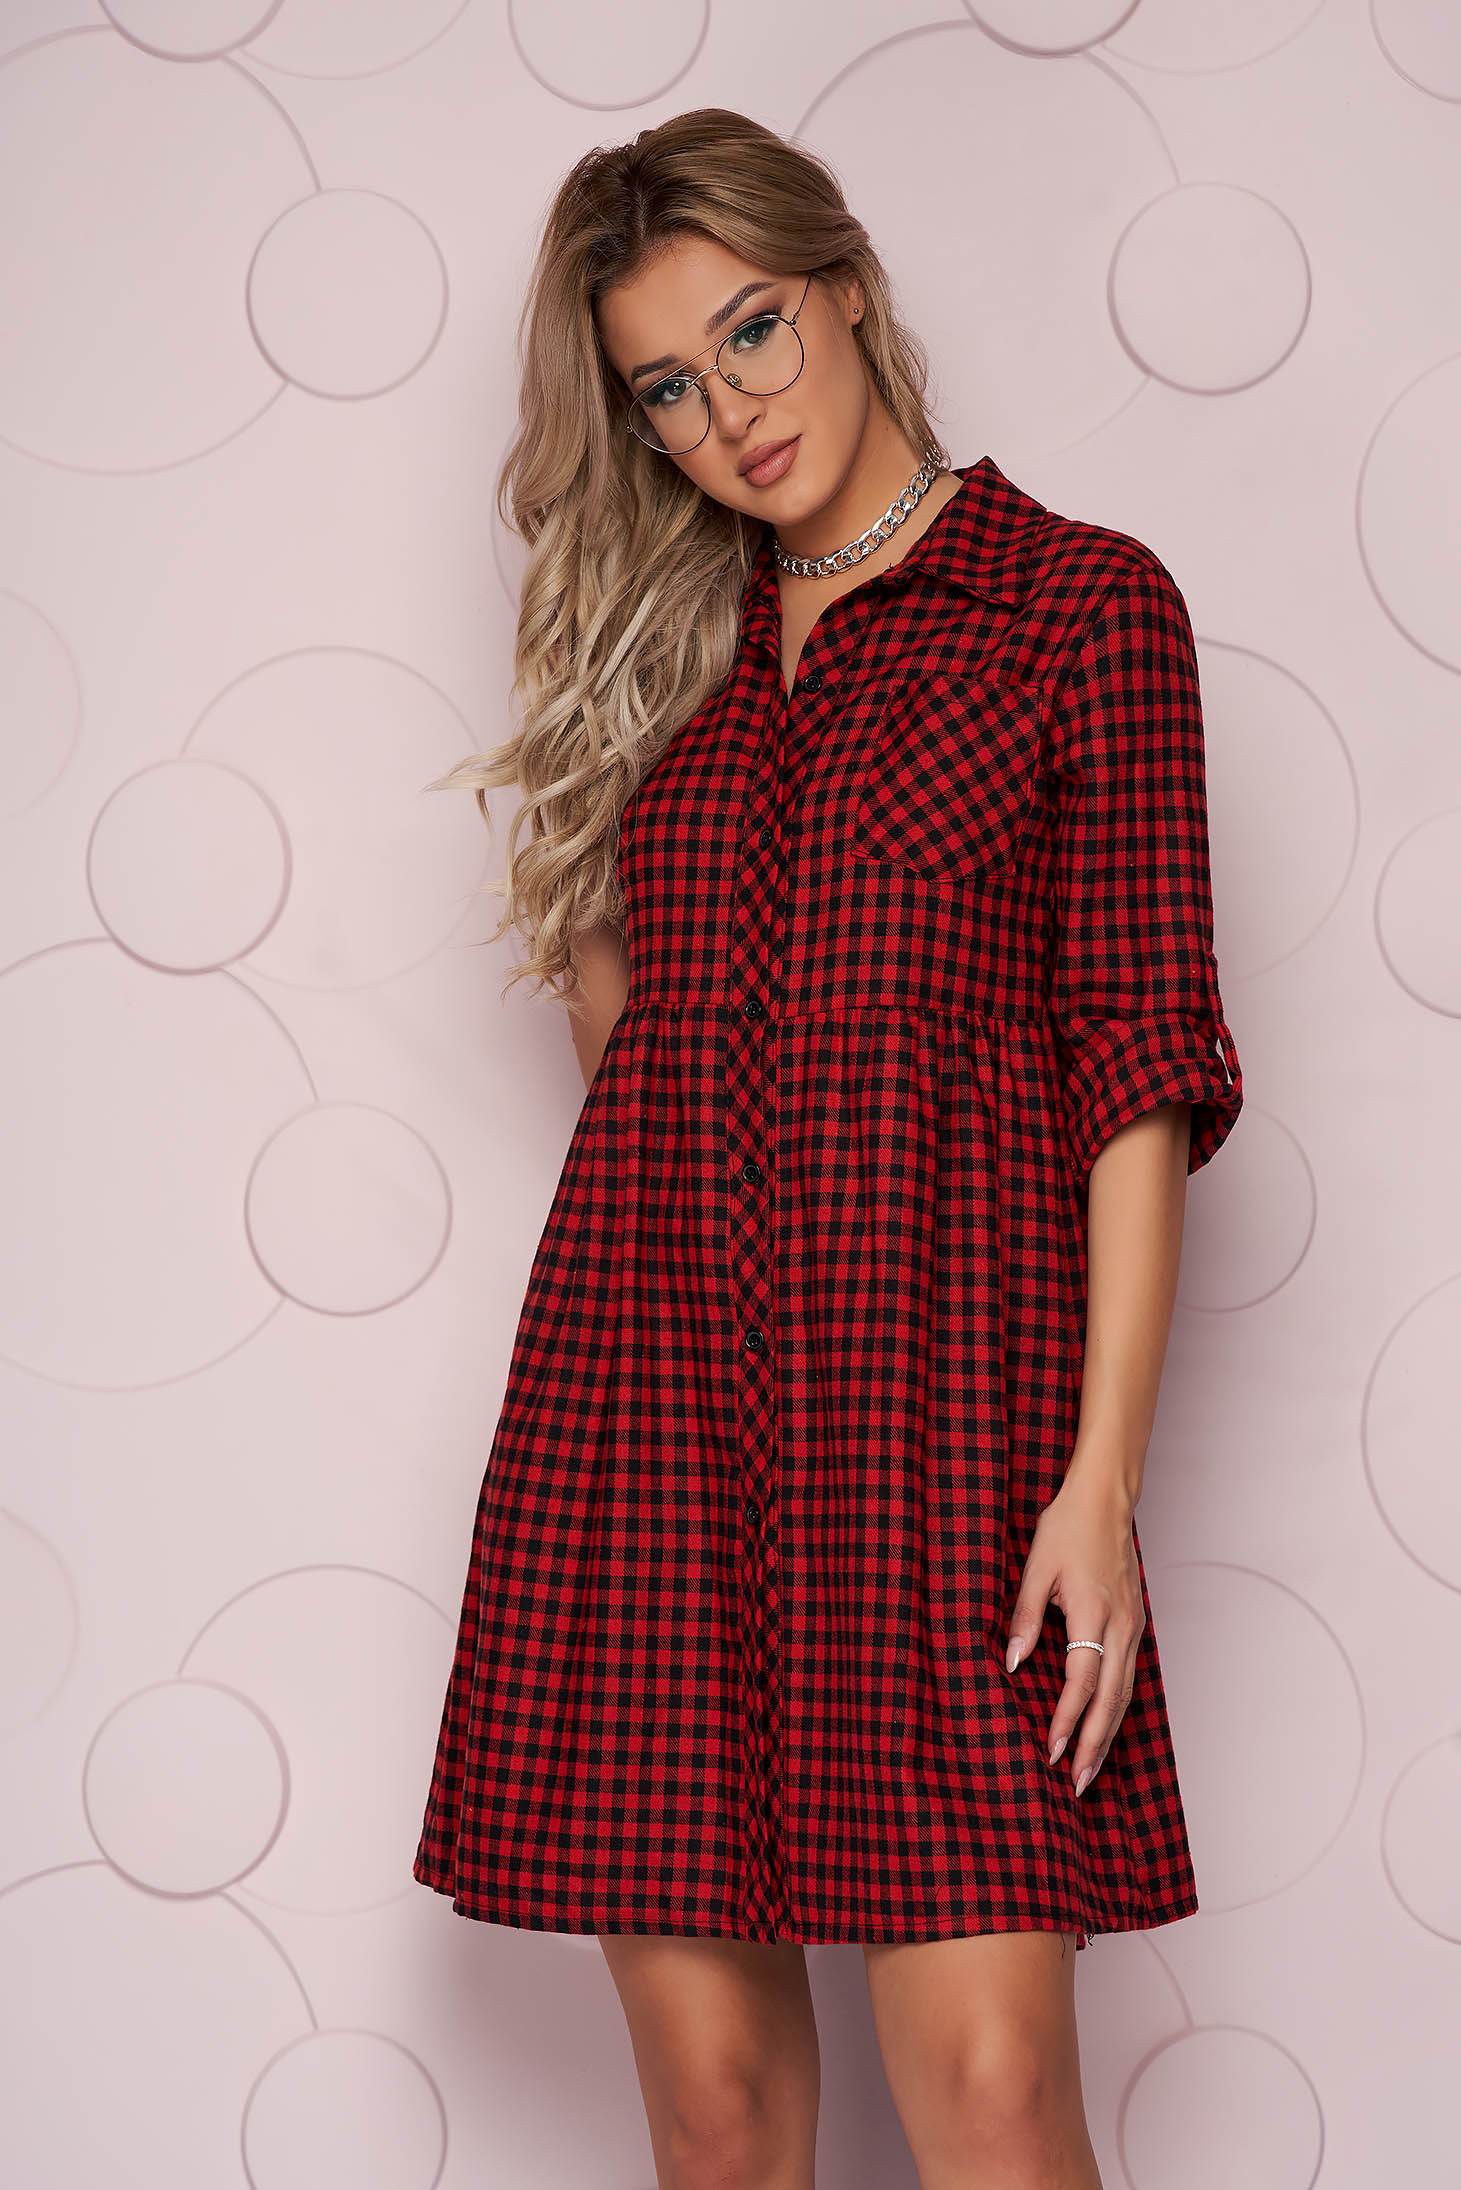 Piros kockás rövid bő szabású ruha vékony merevitett finom tapintásu anyagból